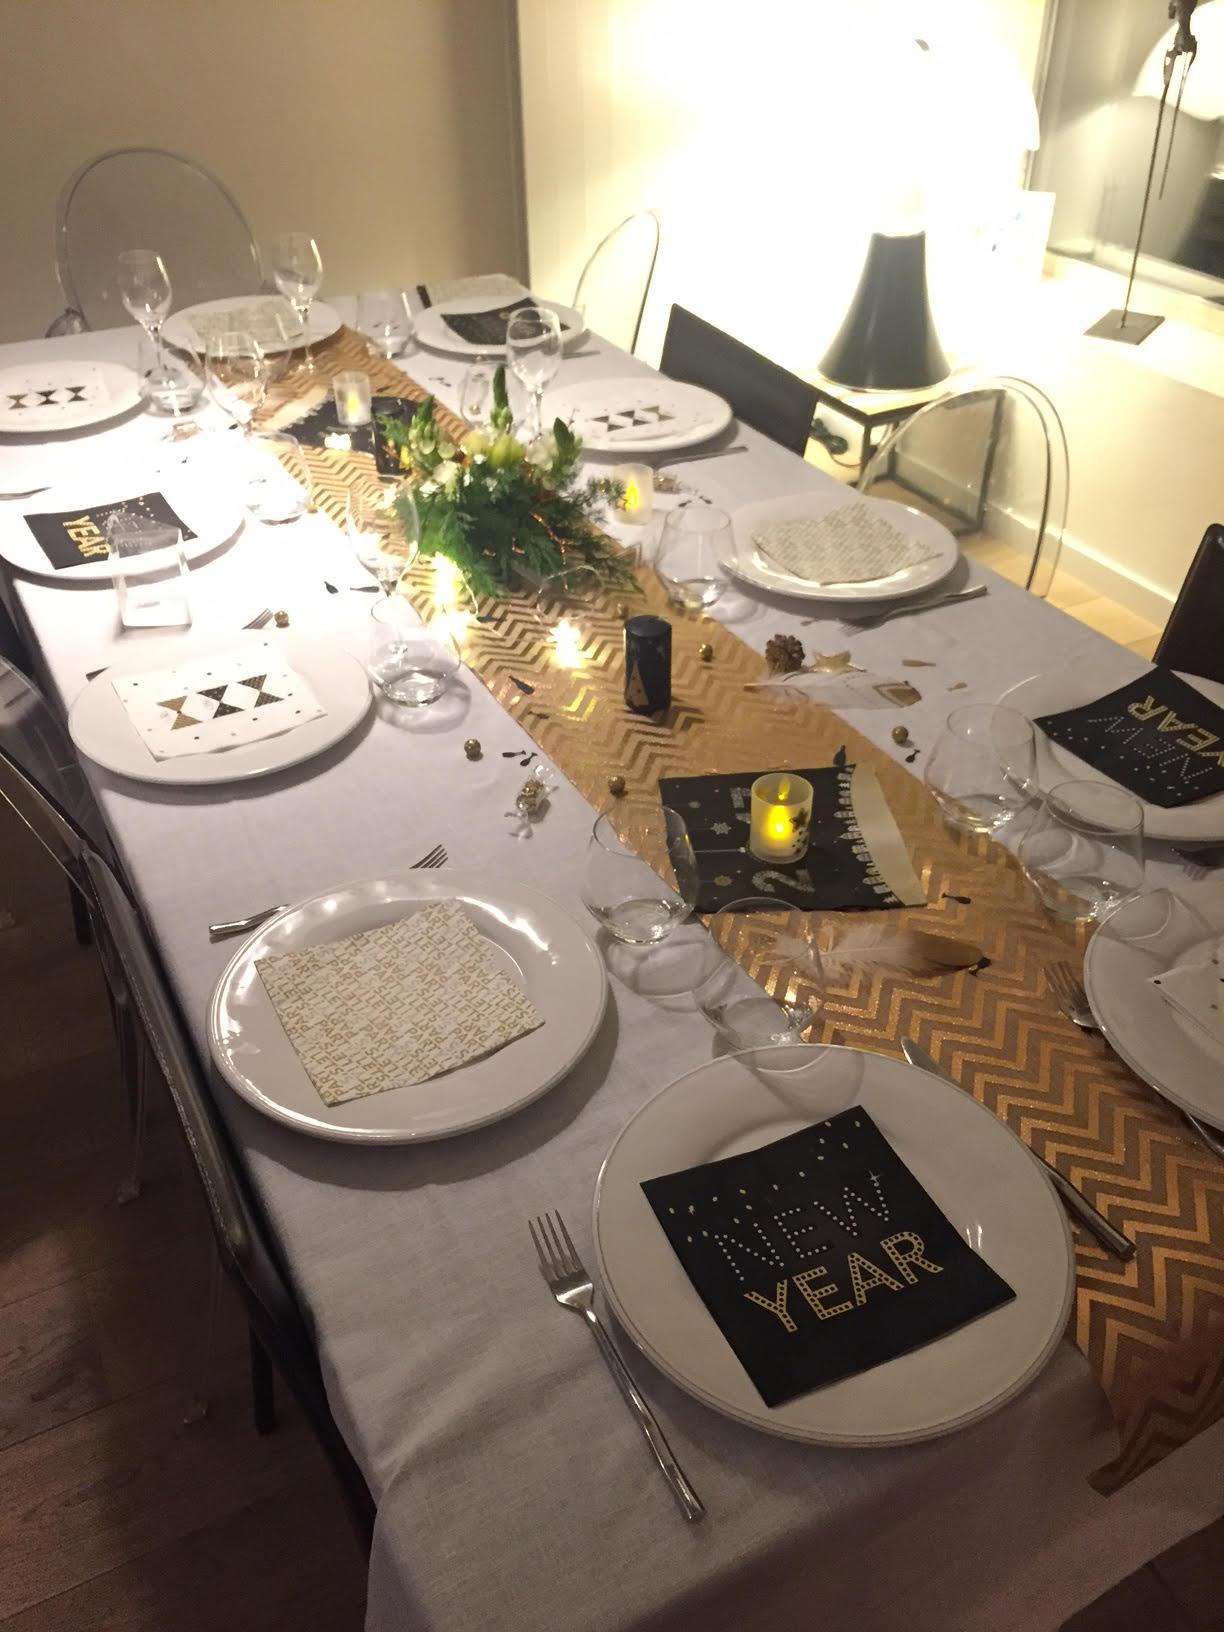 Ides De Table De Rveillon Nol Et St Sylvestre Nouvel An